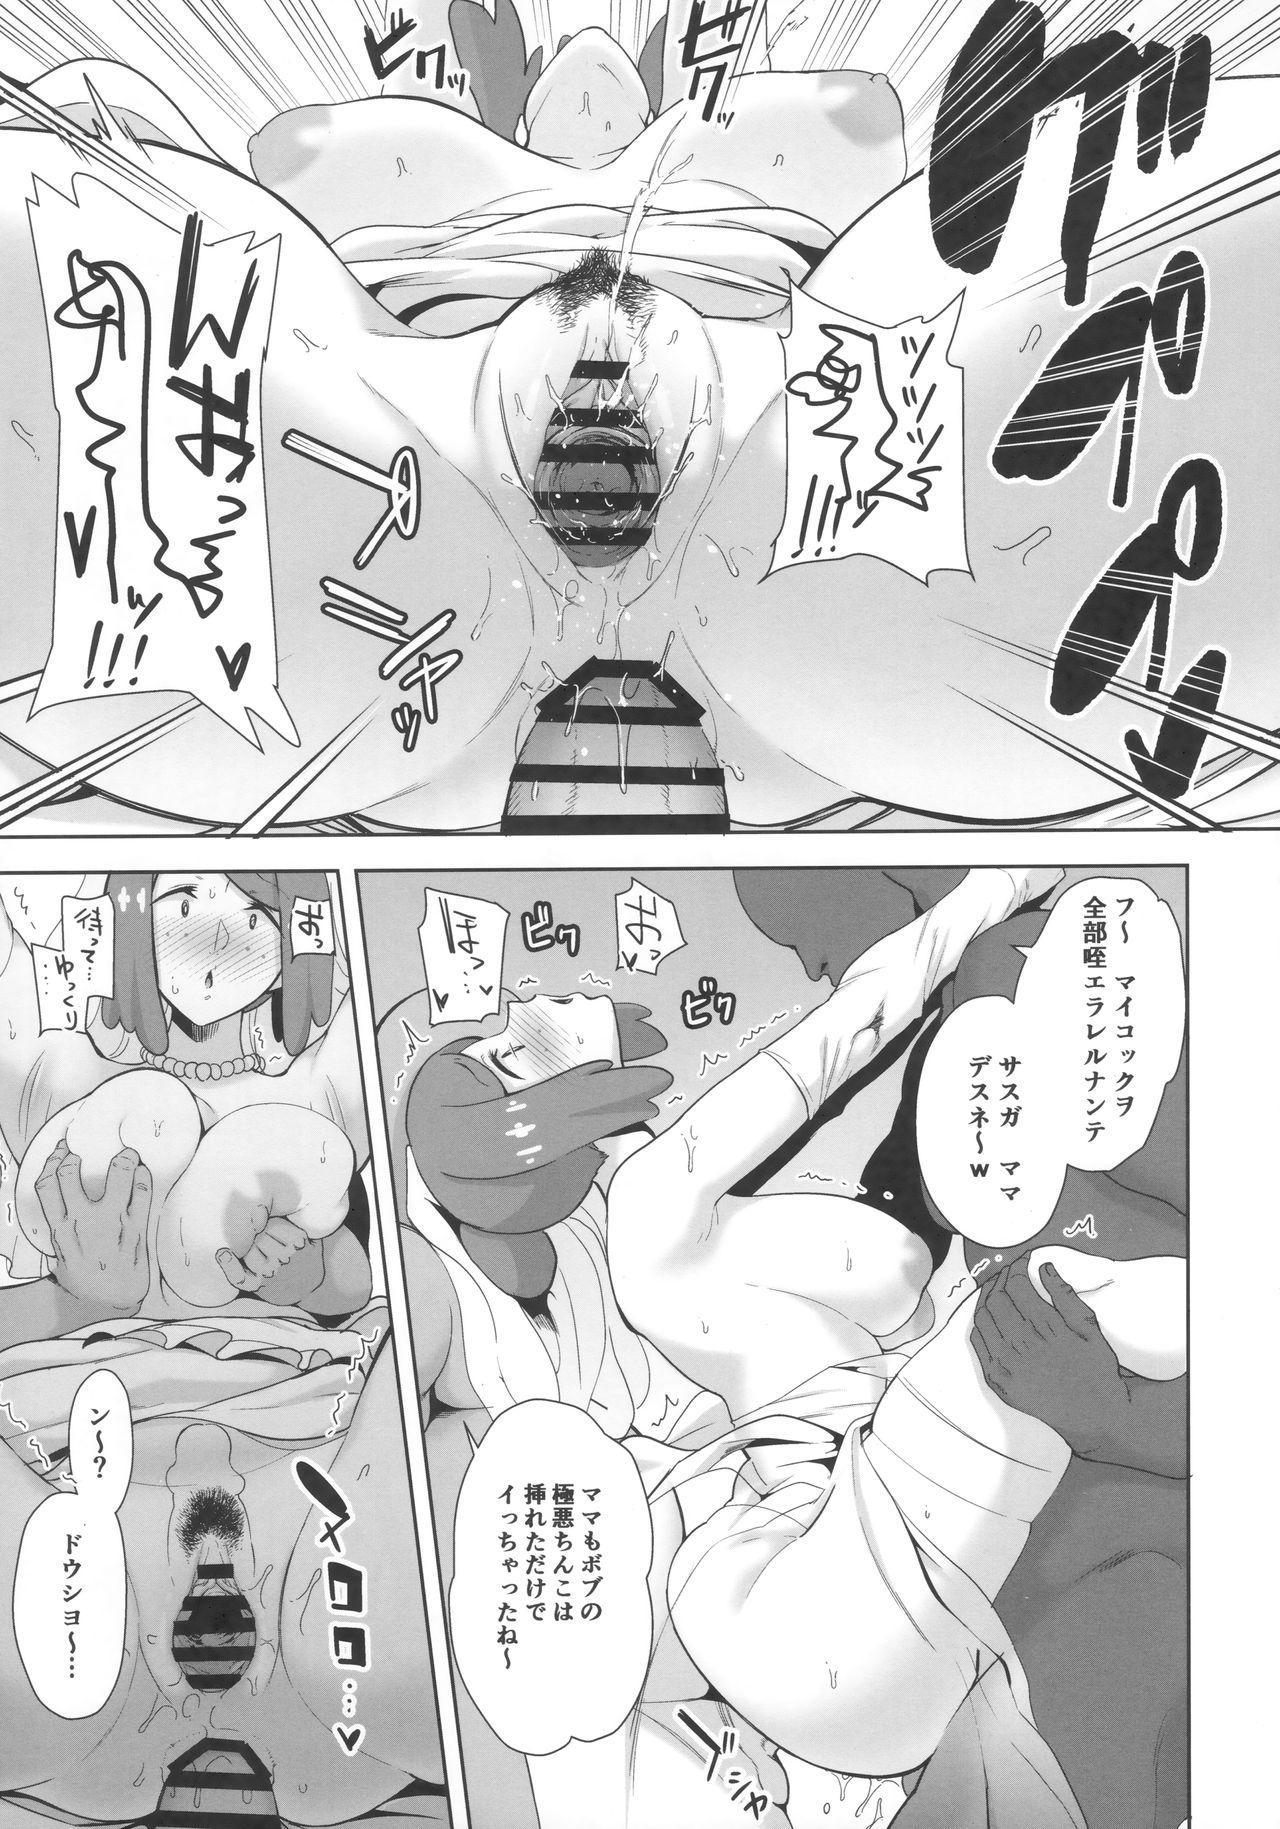 Alola no Yoru no Sugata 6 17